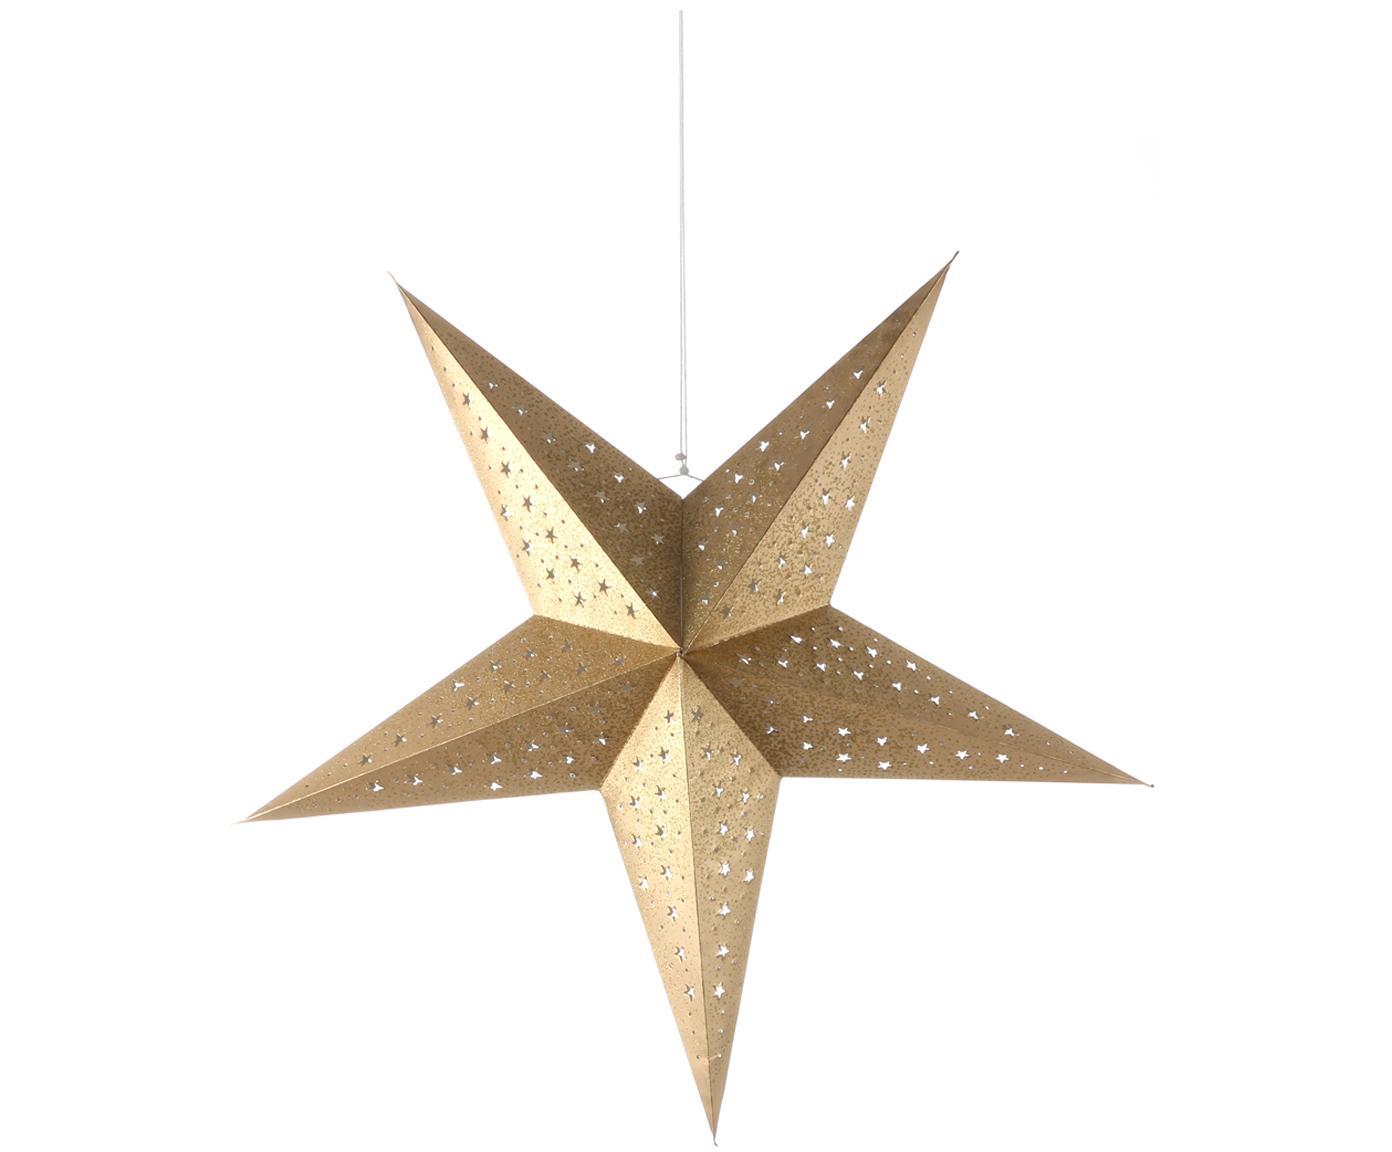 Weihnachtsstern Esther, Papier, Goldfarben mit Glitter, 75 x 75 cm